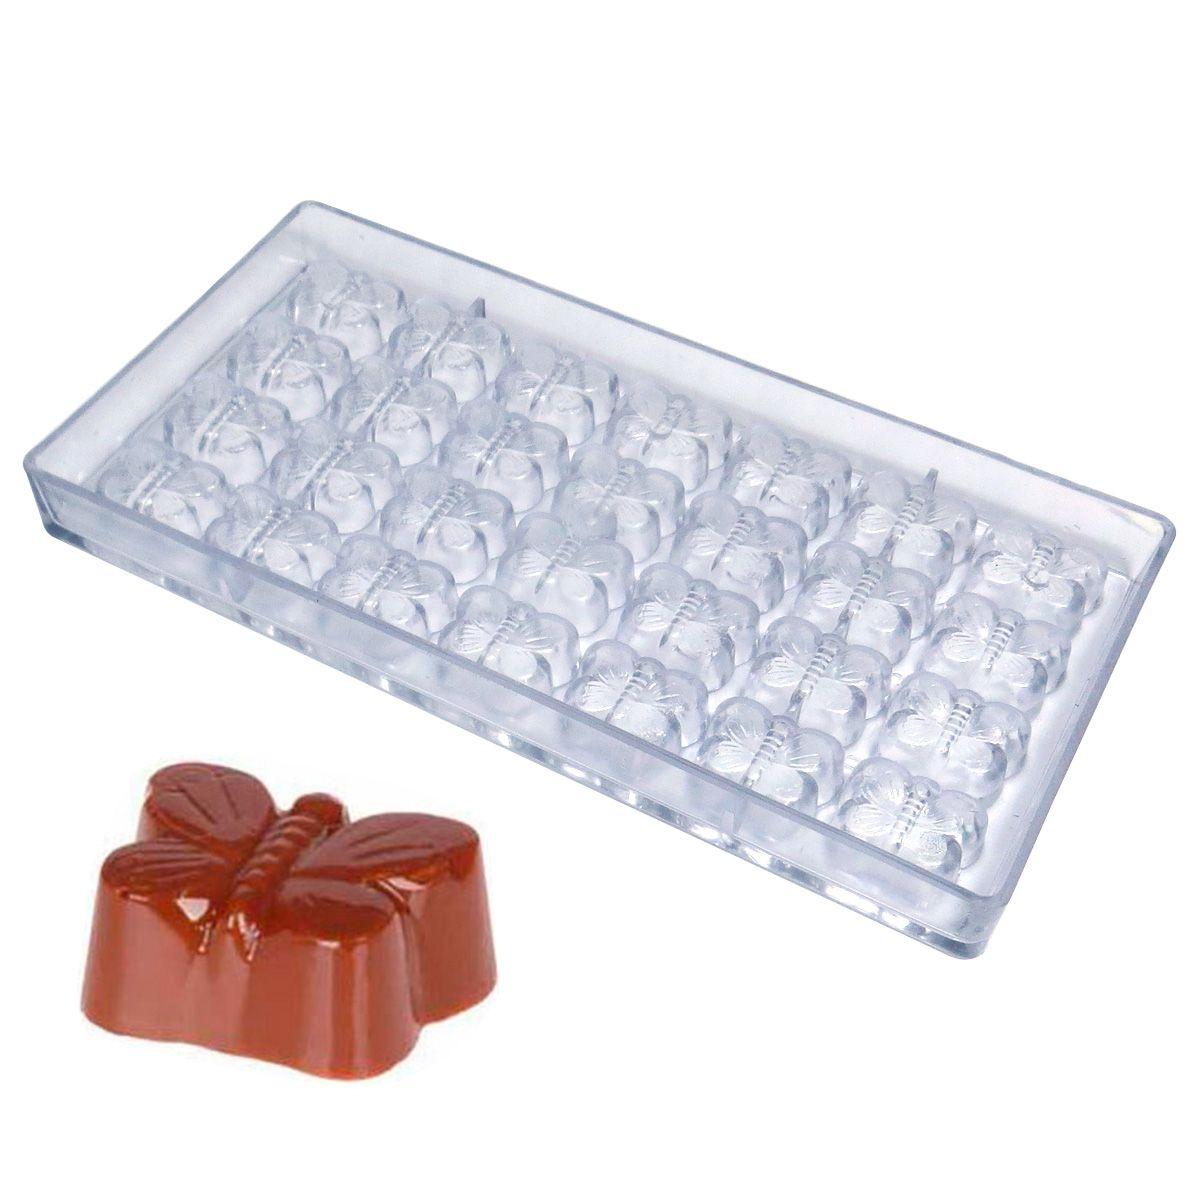 Forma de Chocolate em Policarbonato Borboleta - Gramado Injetados